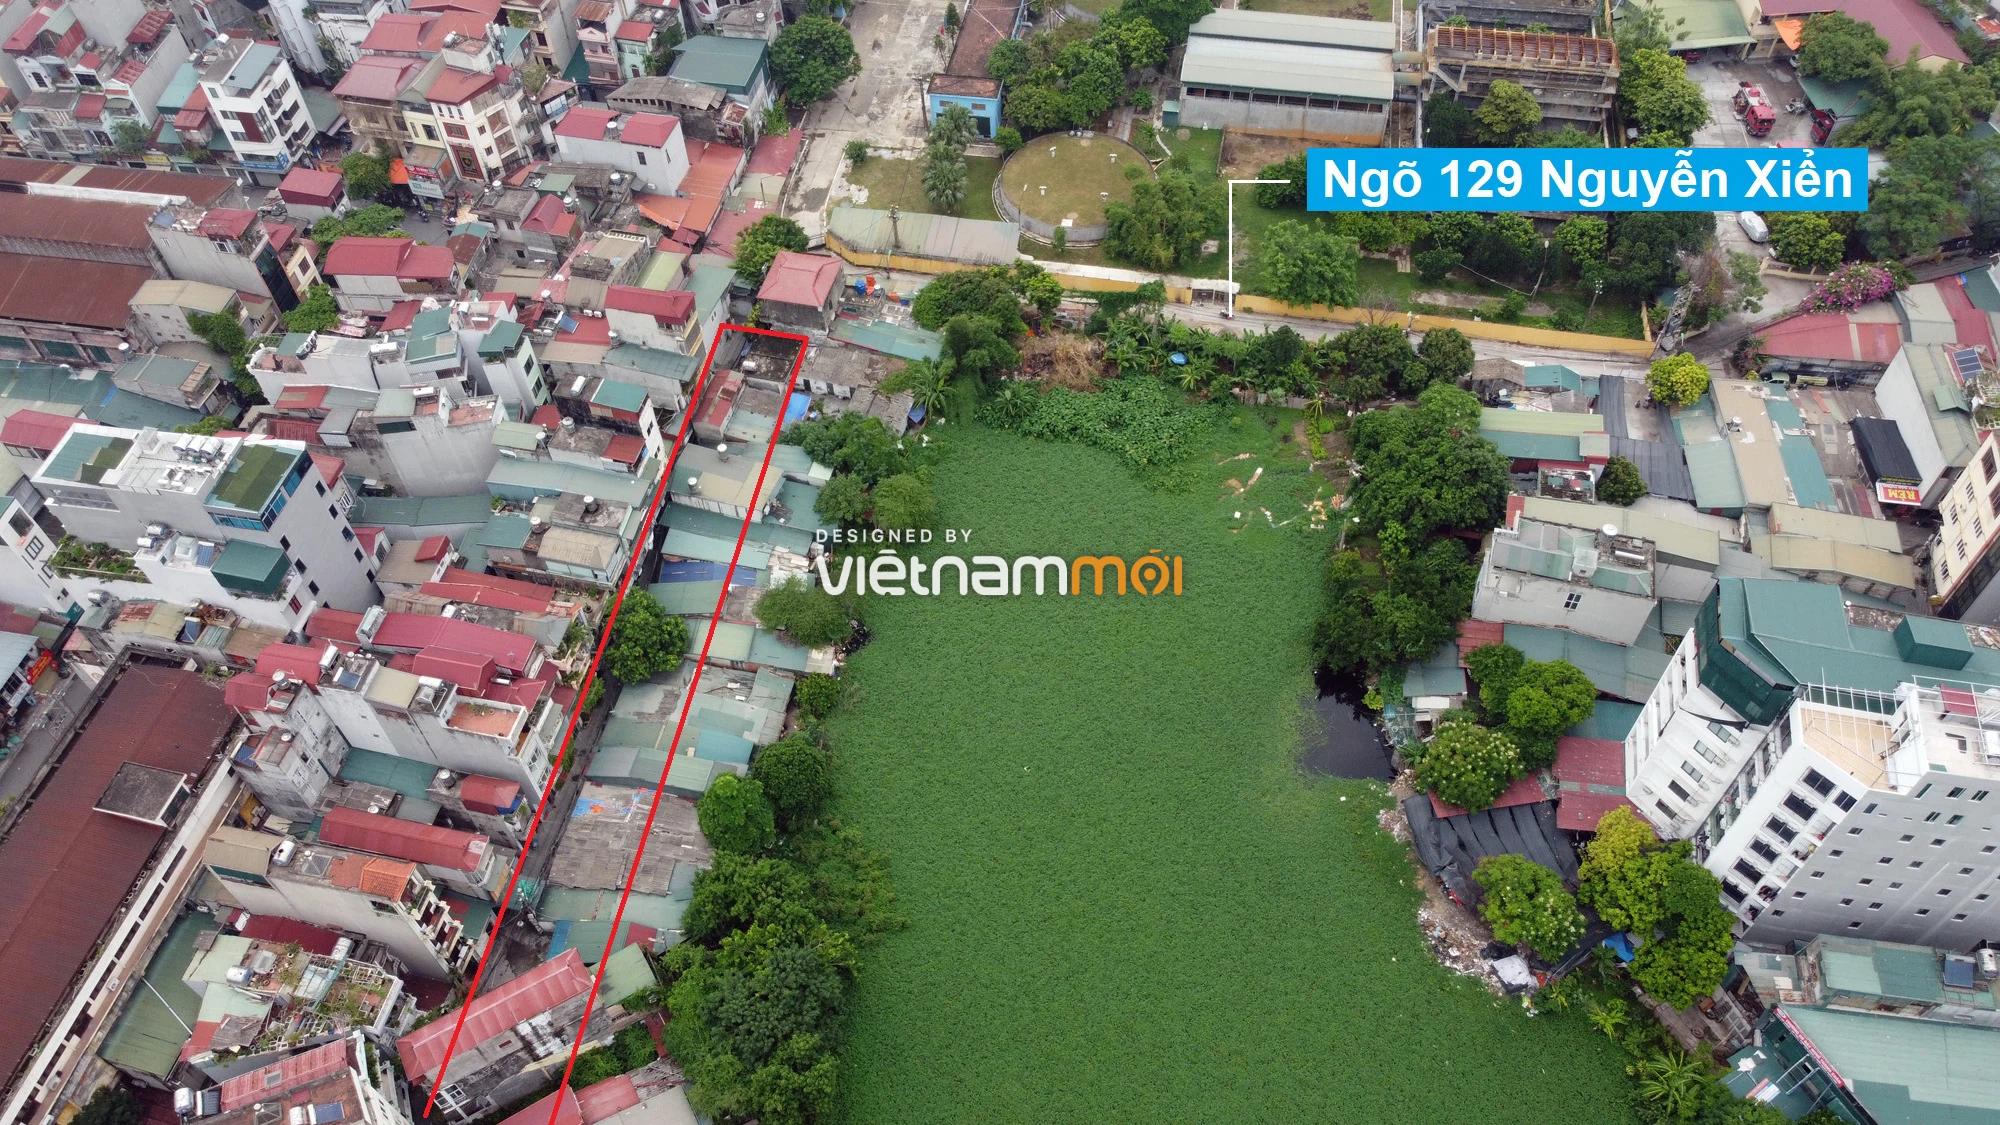 Những khu đất sắp thu hồi để mở đường ở quận Thanh Xuân, Hà Nội (phần 1) - Ảnh 12.